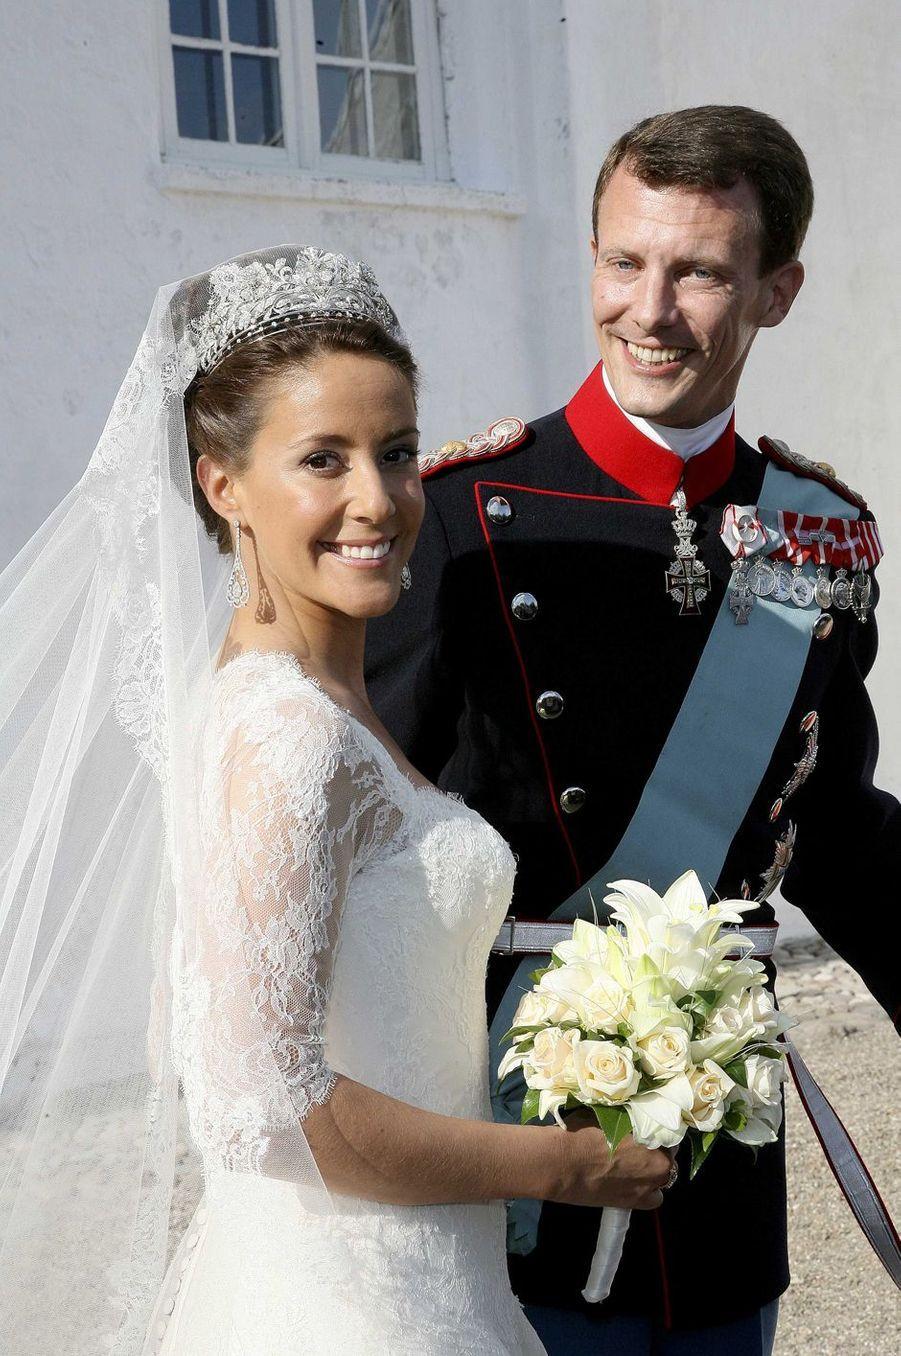 La princesse Marie et le prince Joachim de Danemark le 24 mai 2008, jour de leur mariage